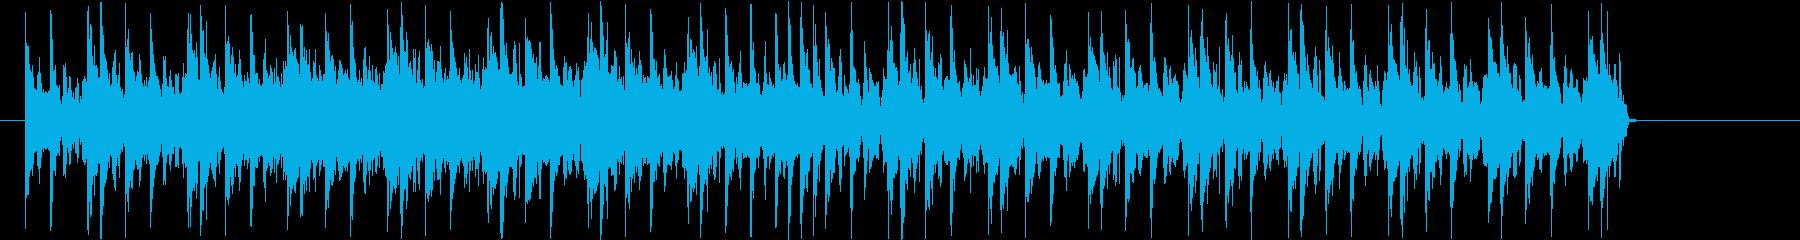 疾走感のある短い曲の再生済みの波形